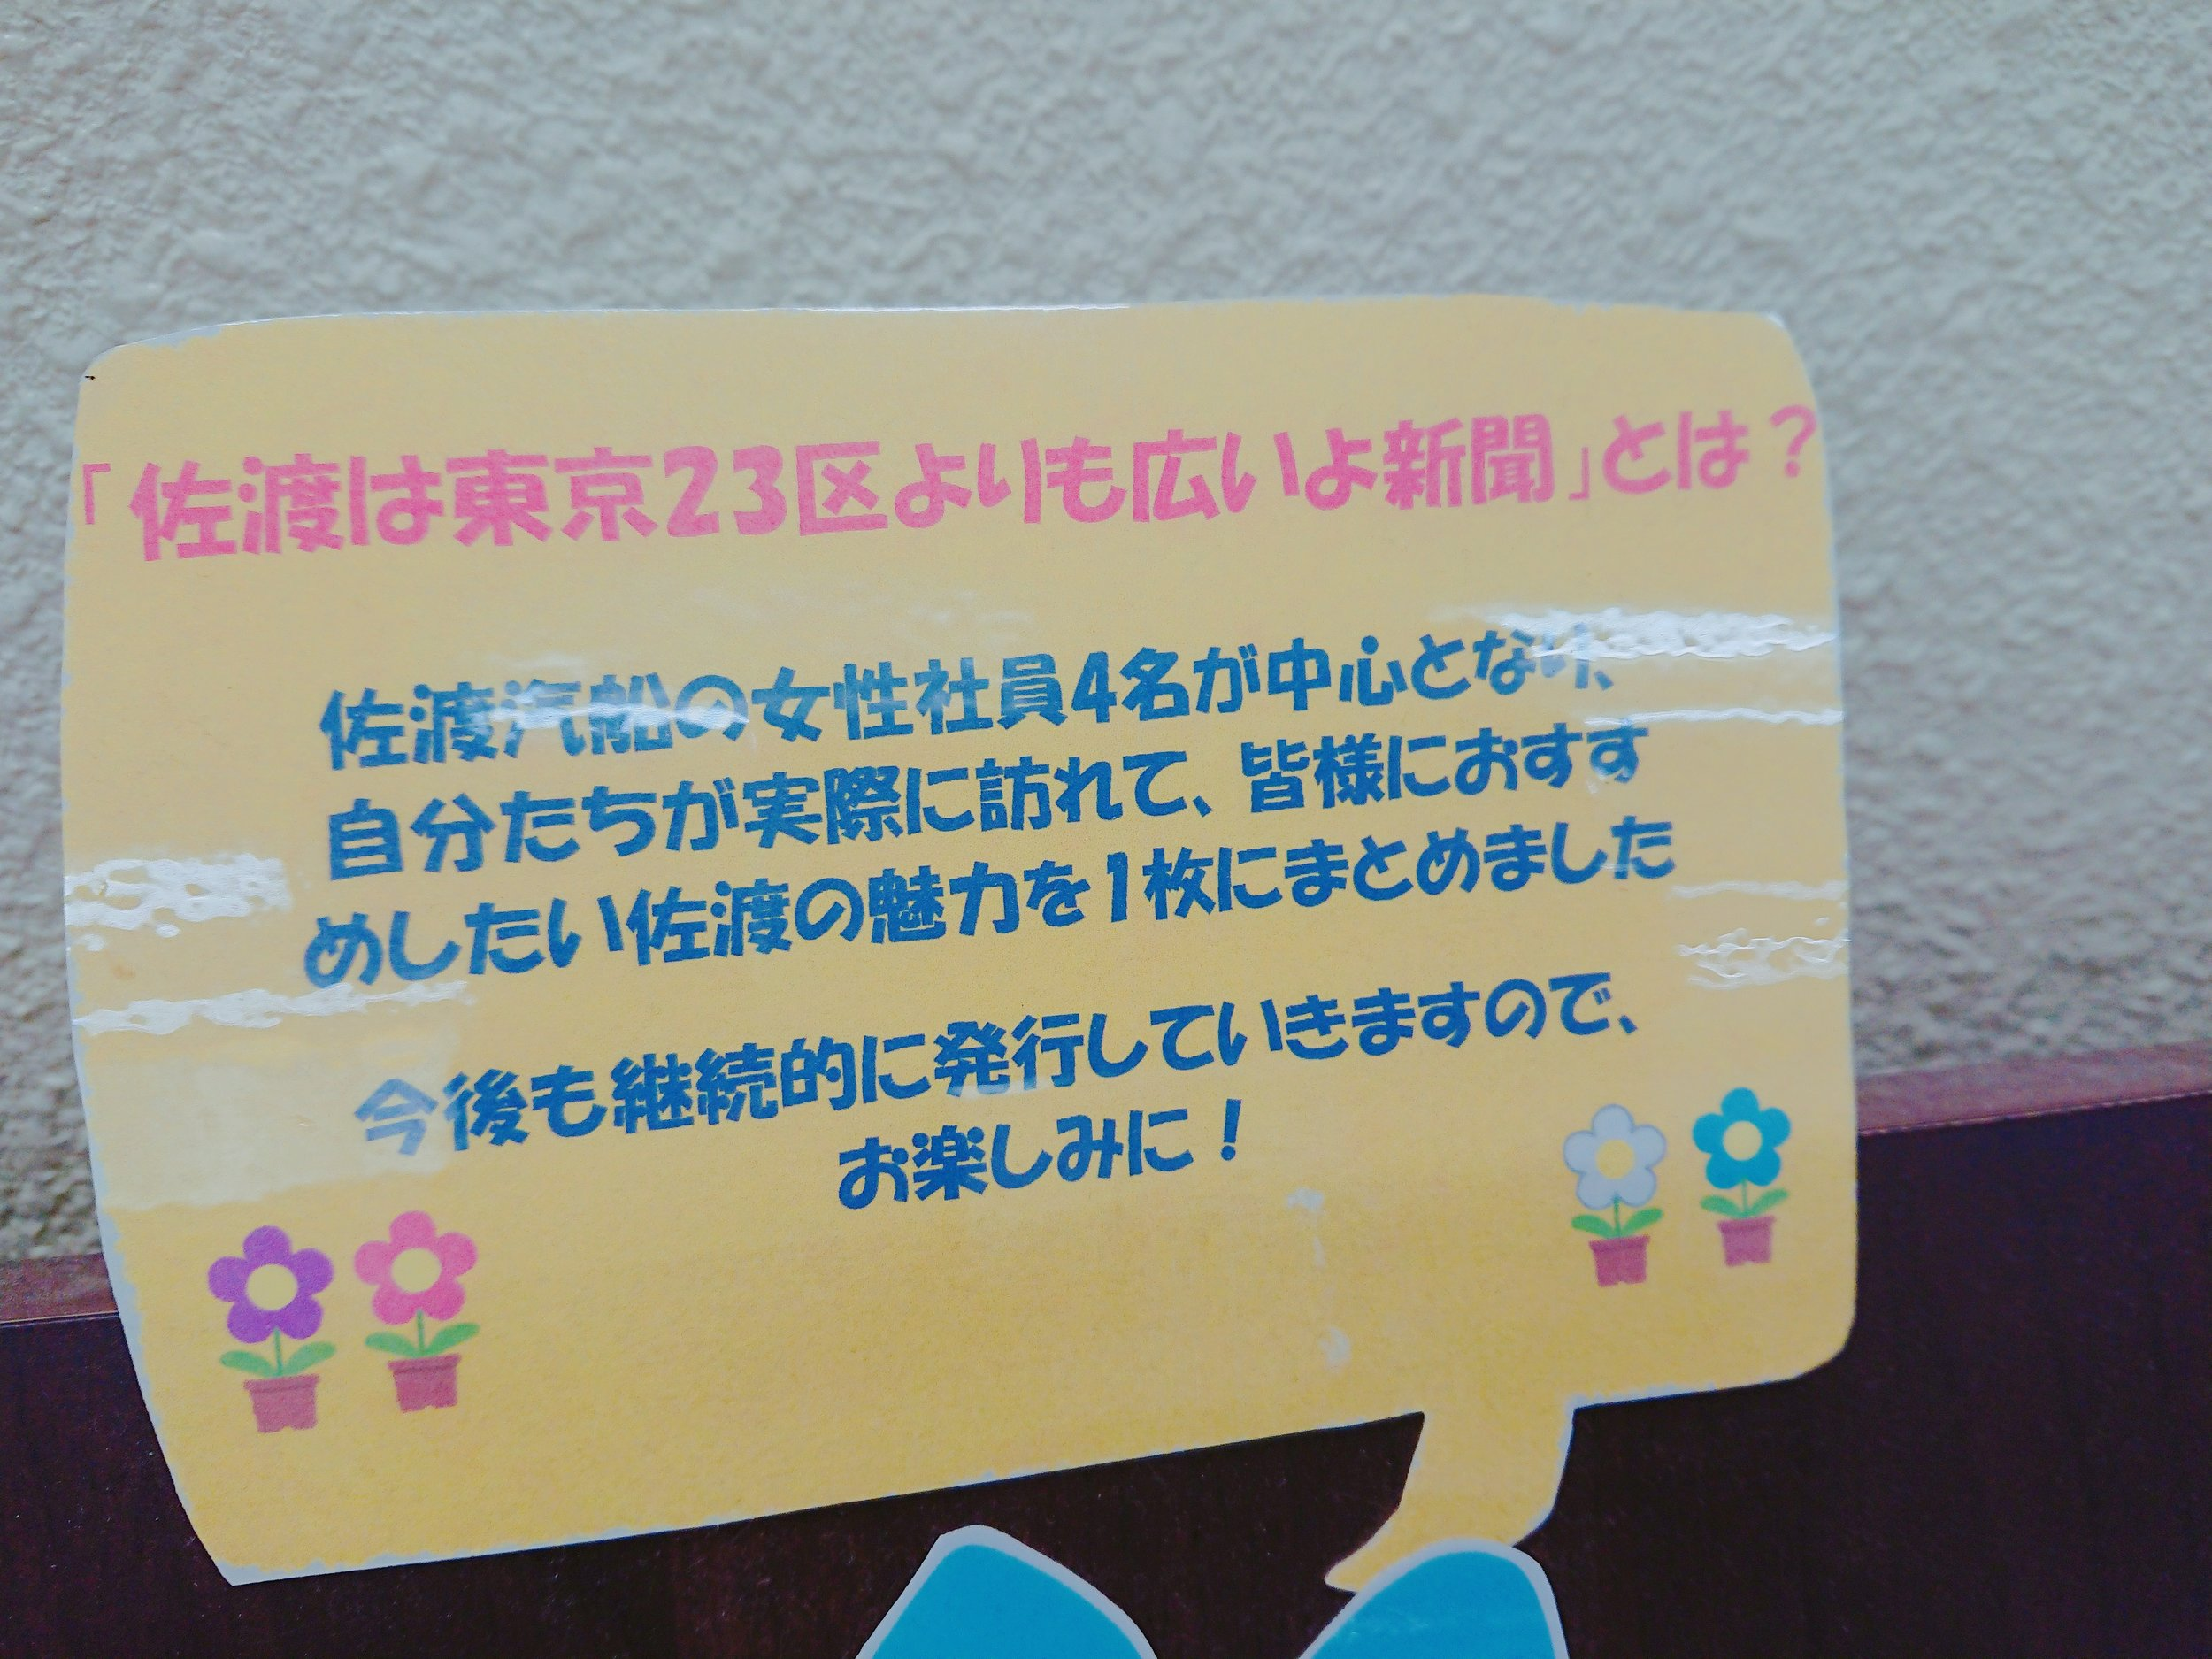 正式名称は「佐渡は東京23区よりも広いよ新聞」